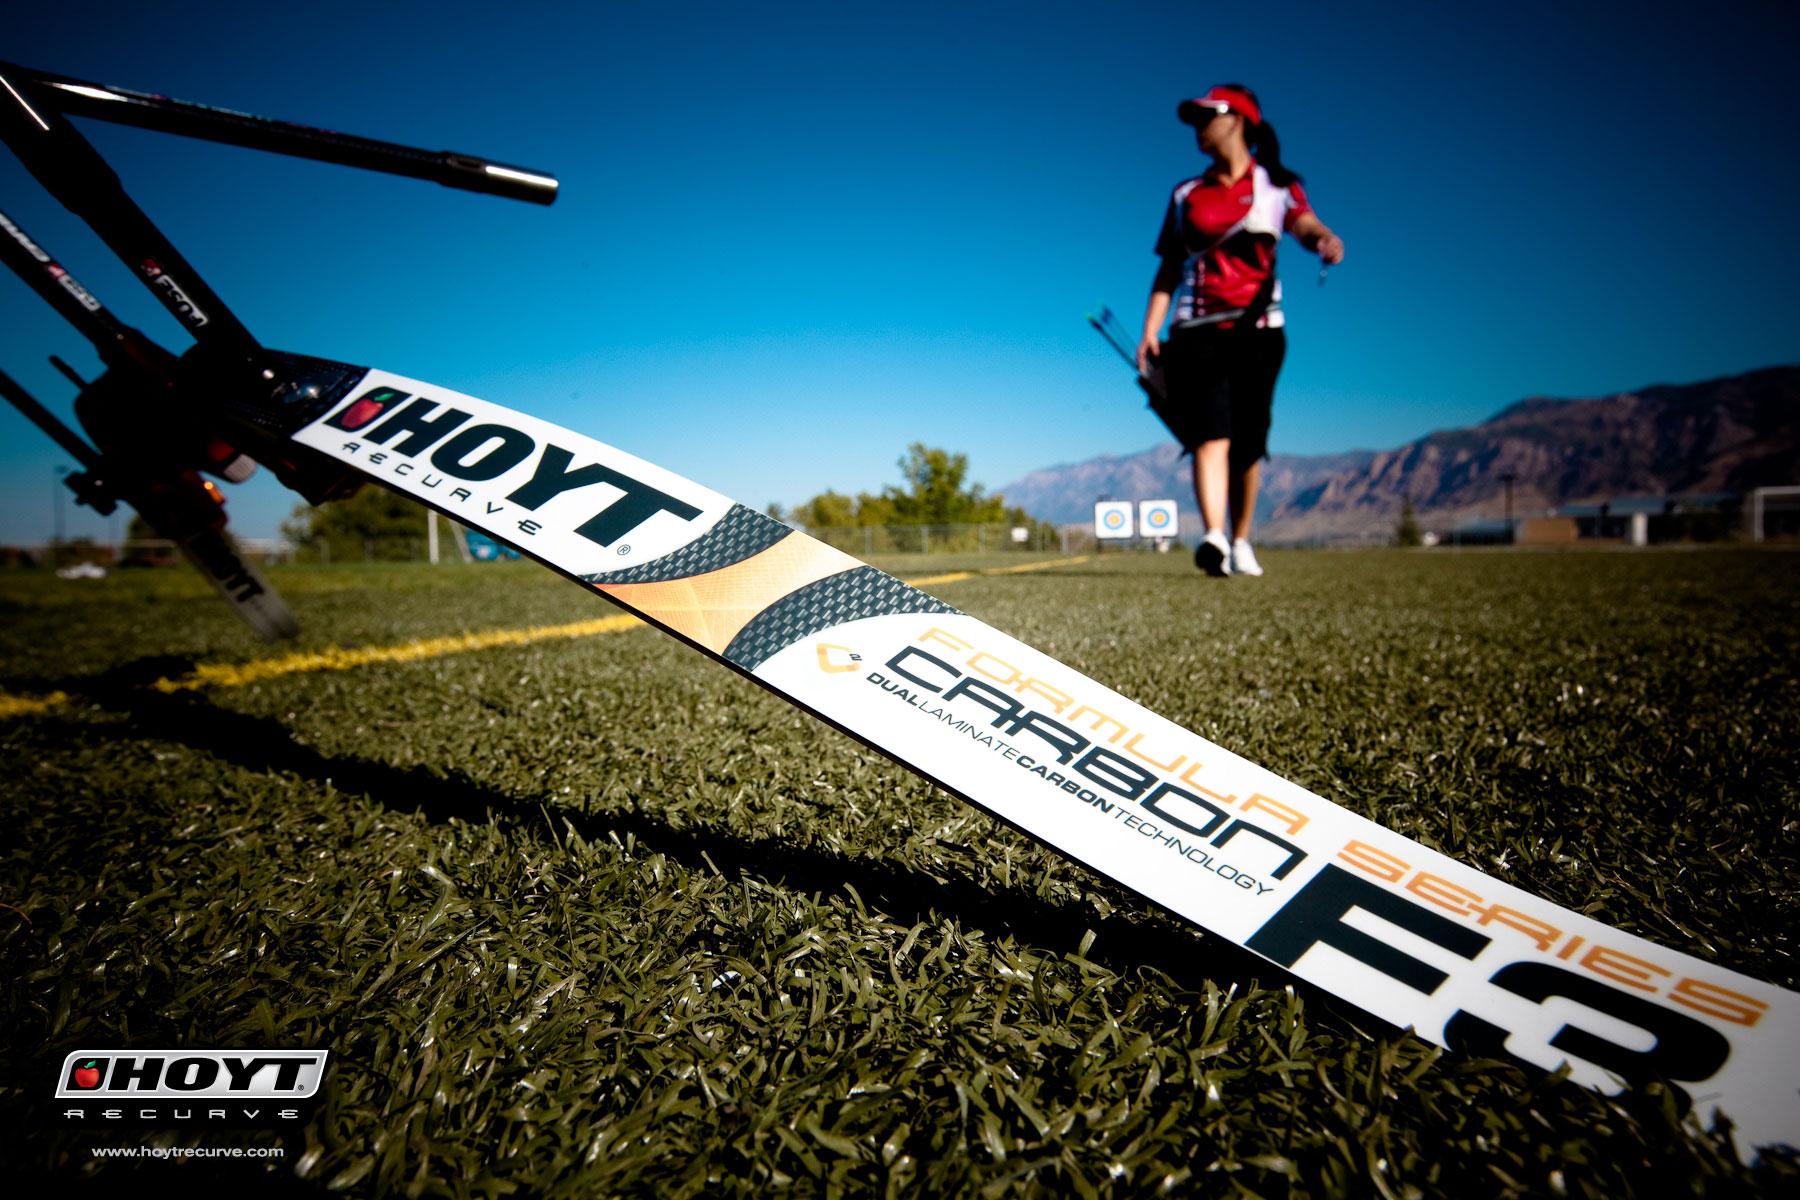 Archery-Hoyt-wallpaper-wp4401532